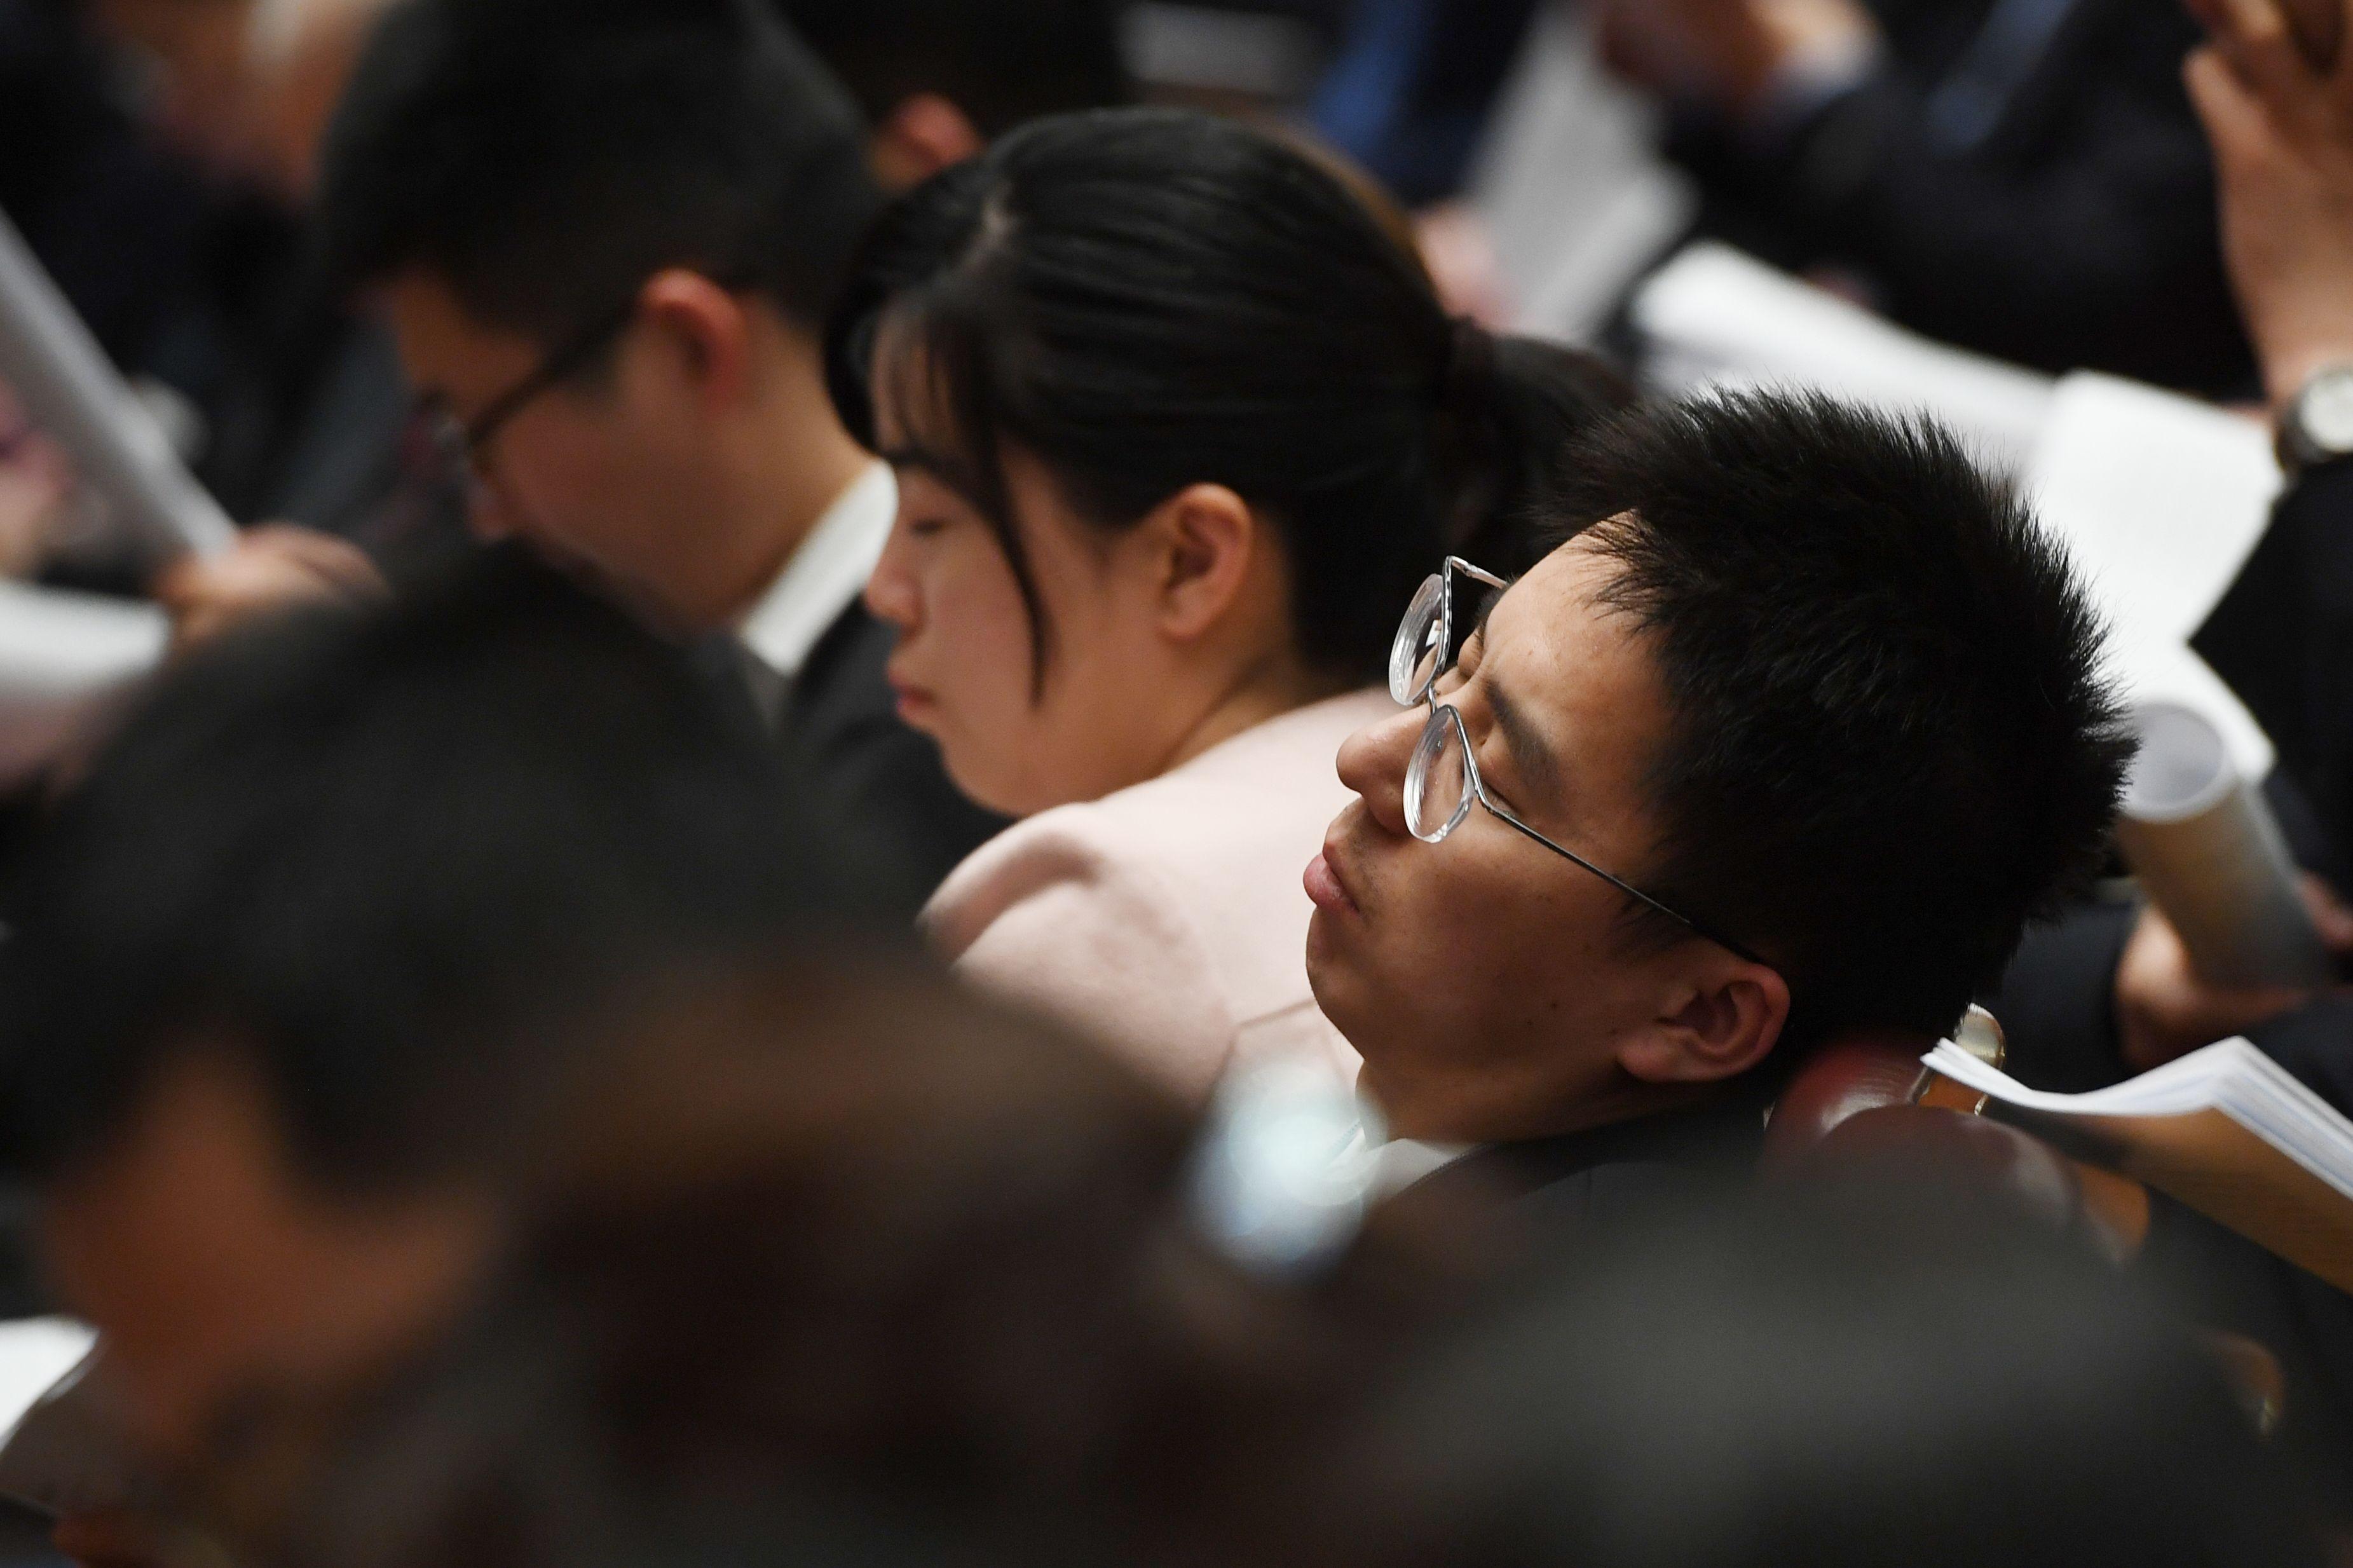 預計《外商投資法》將於周五(3月15日)在人大橡皮圖章會上表決通過成為法律,並快速實施。圖為2019年與會的人大代表在會場上睡著了。(GREG BAKER/AFP/Getty Images)